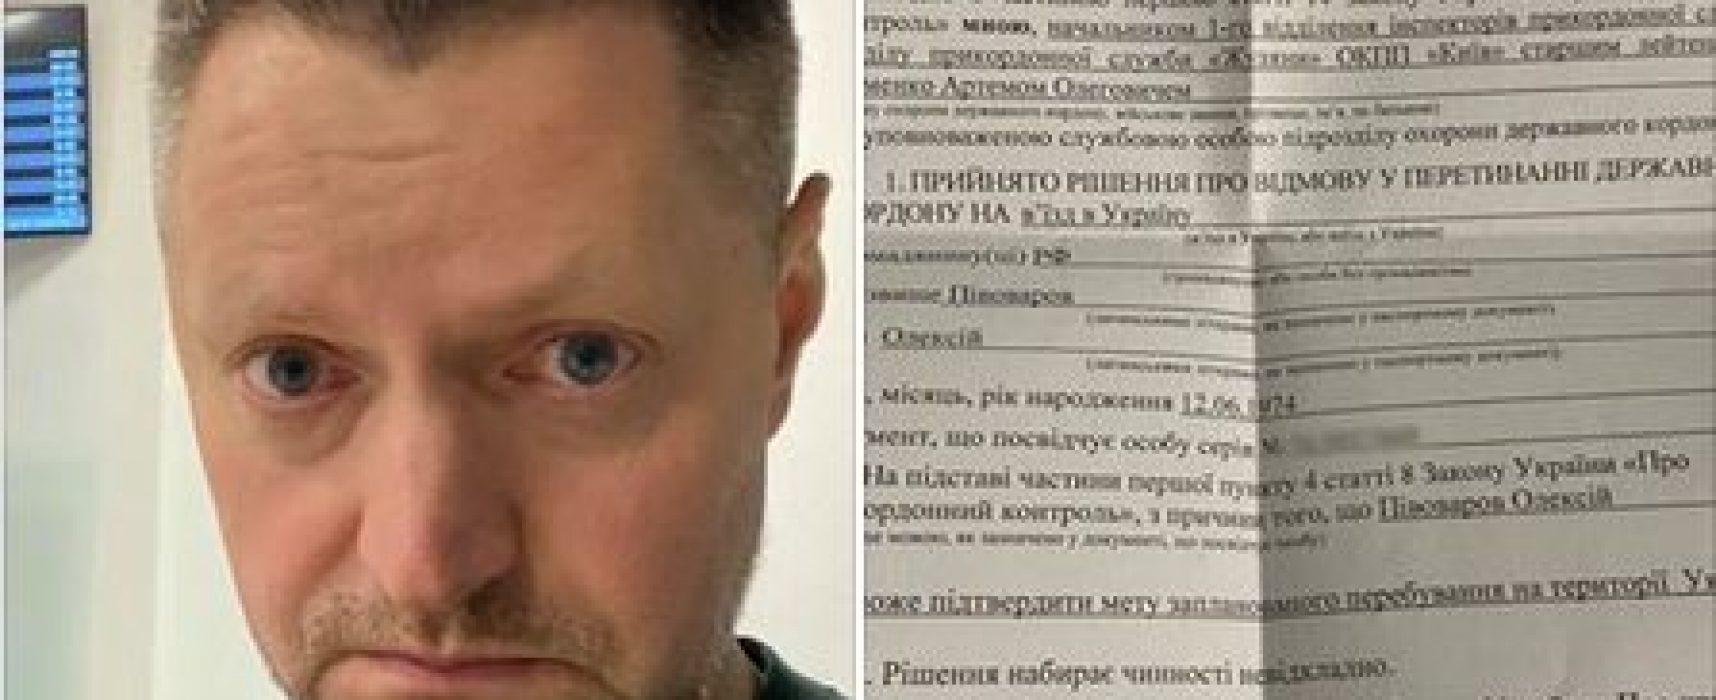 В Україну не пустили головного редактора RTVI Олексія Пивоварова